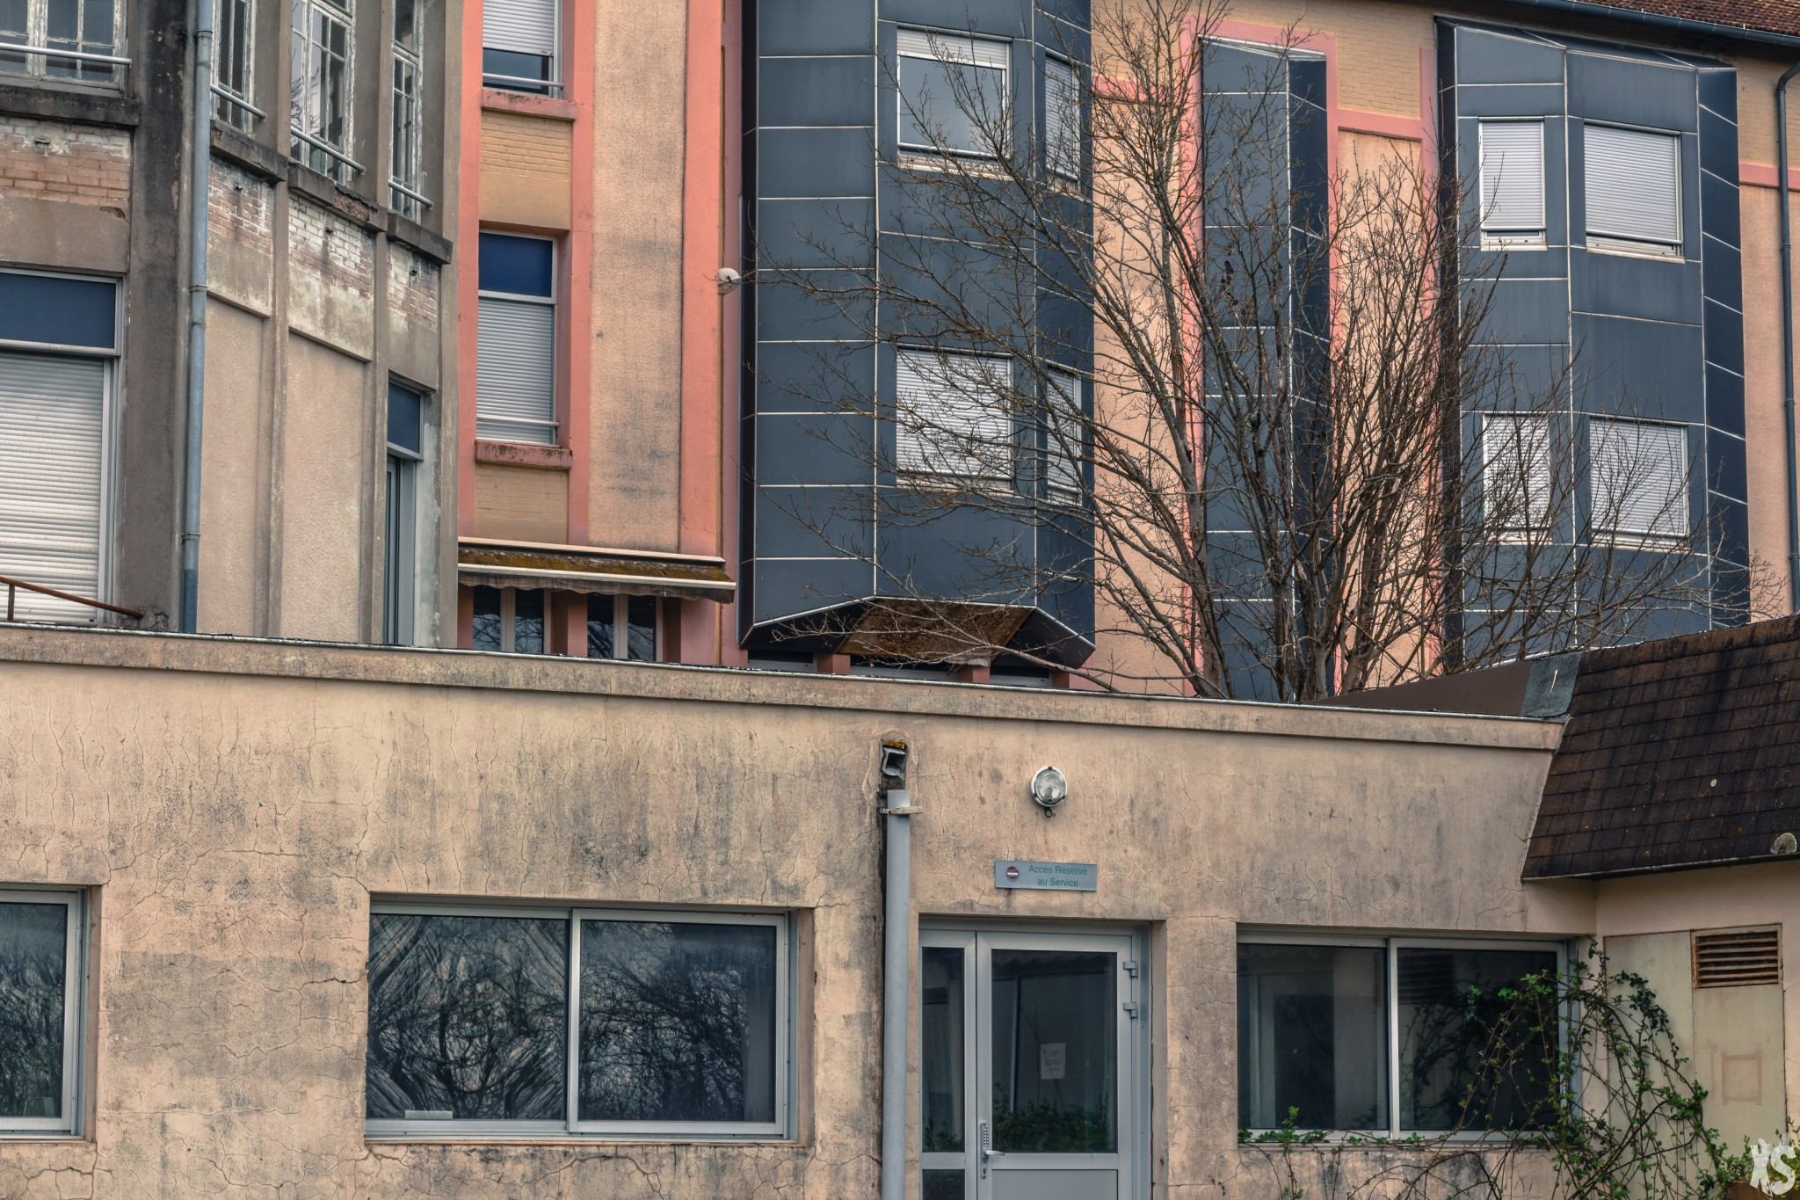 sanatorium-eugene-aram-38a